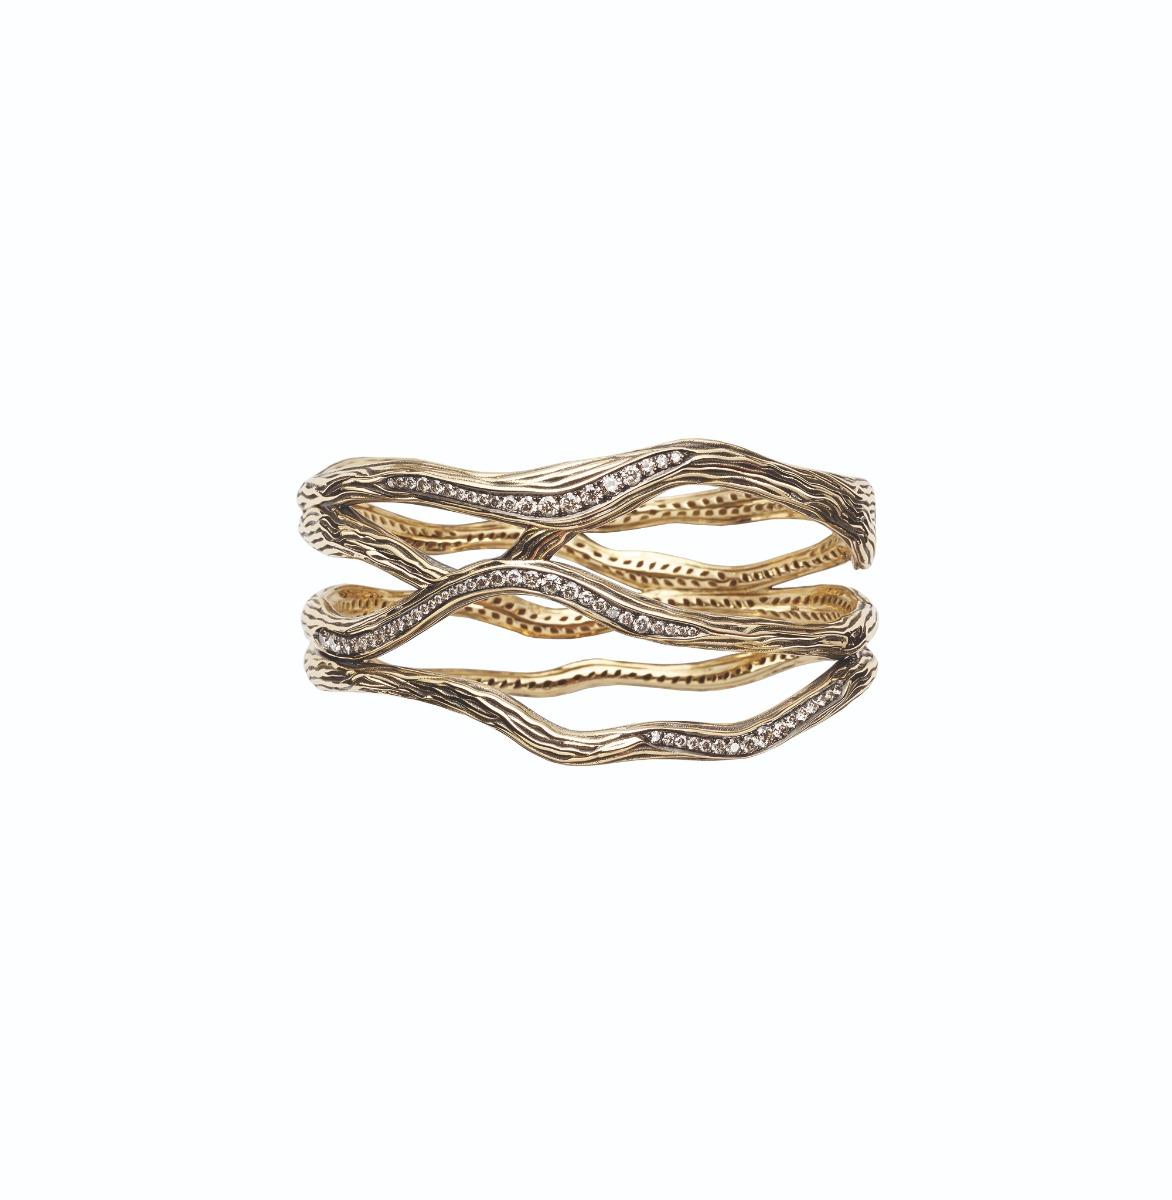 Antonini Milano XL 2018 - bracciale collezione Vulcano oro e diamanti champagne, cuff gold diamonds